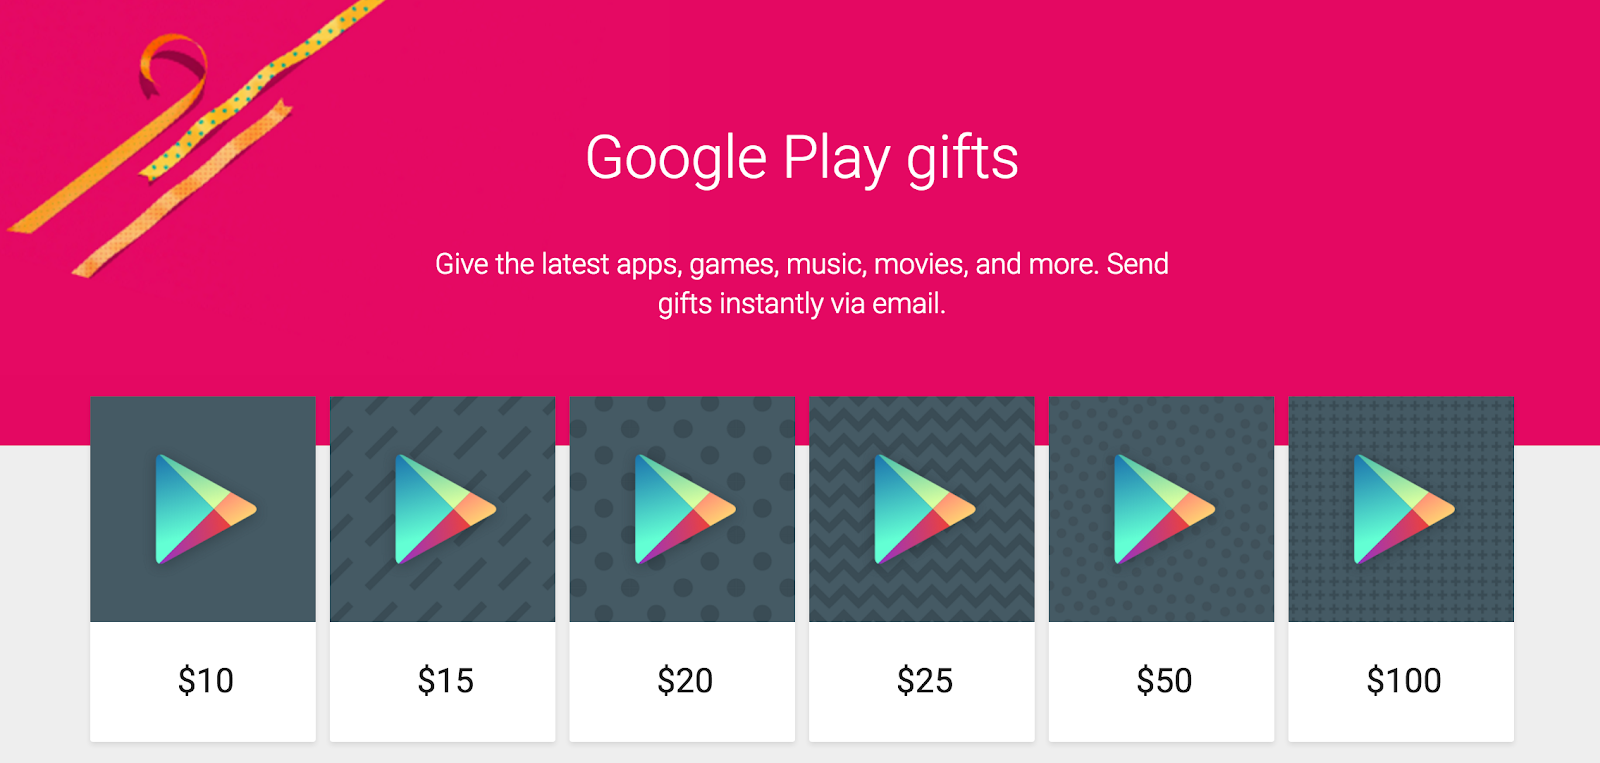 Khi Quý khách mua google play Gift Card thì chúng tôi sẽ cung cấp cho khách  hàng một dãy seri bao gồm các chữ số (gọi là mã code google play giftcard).